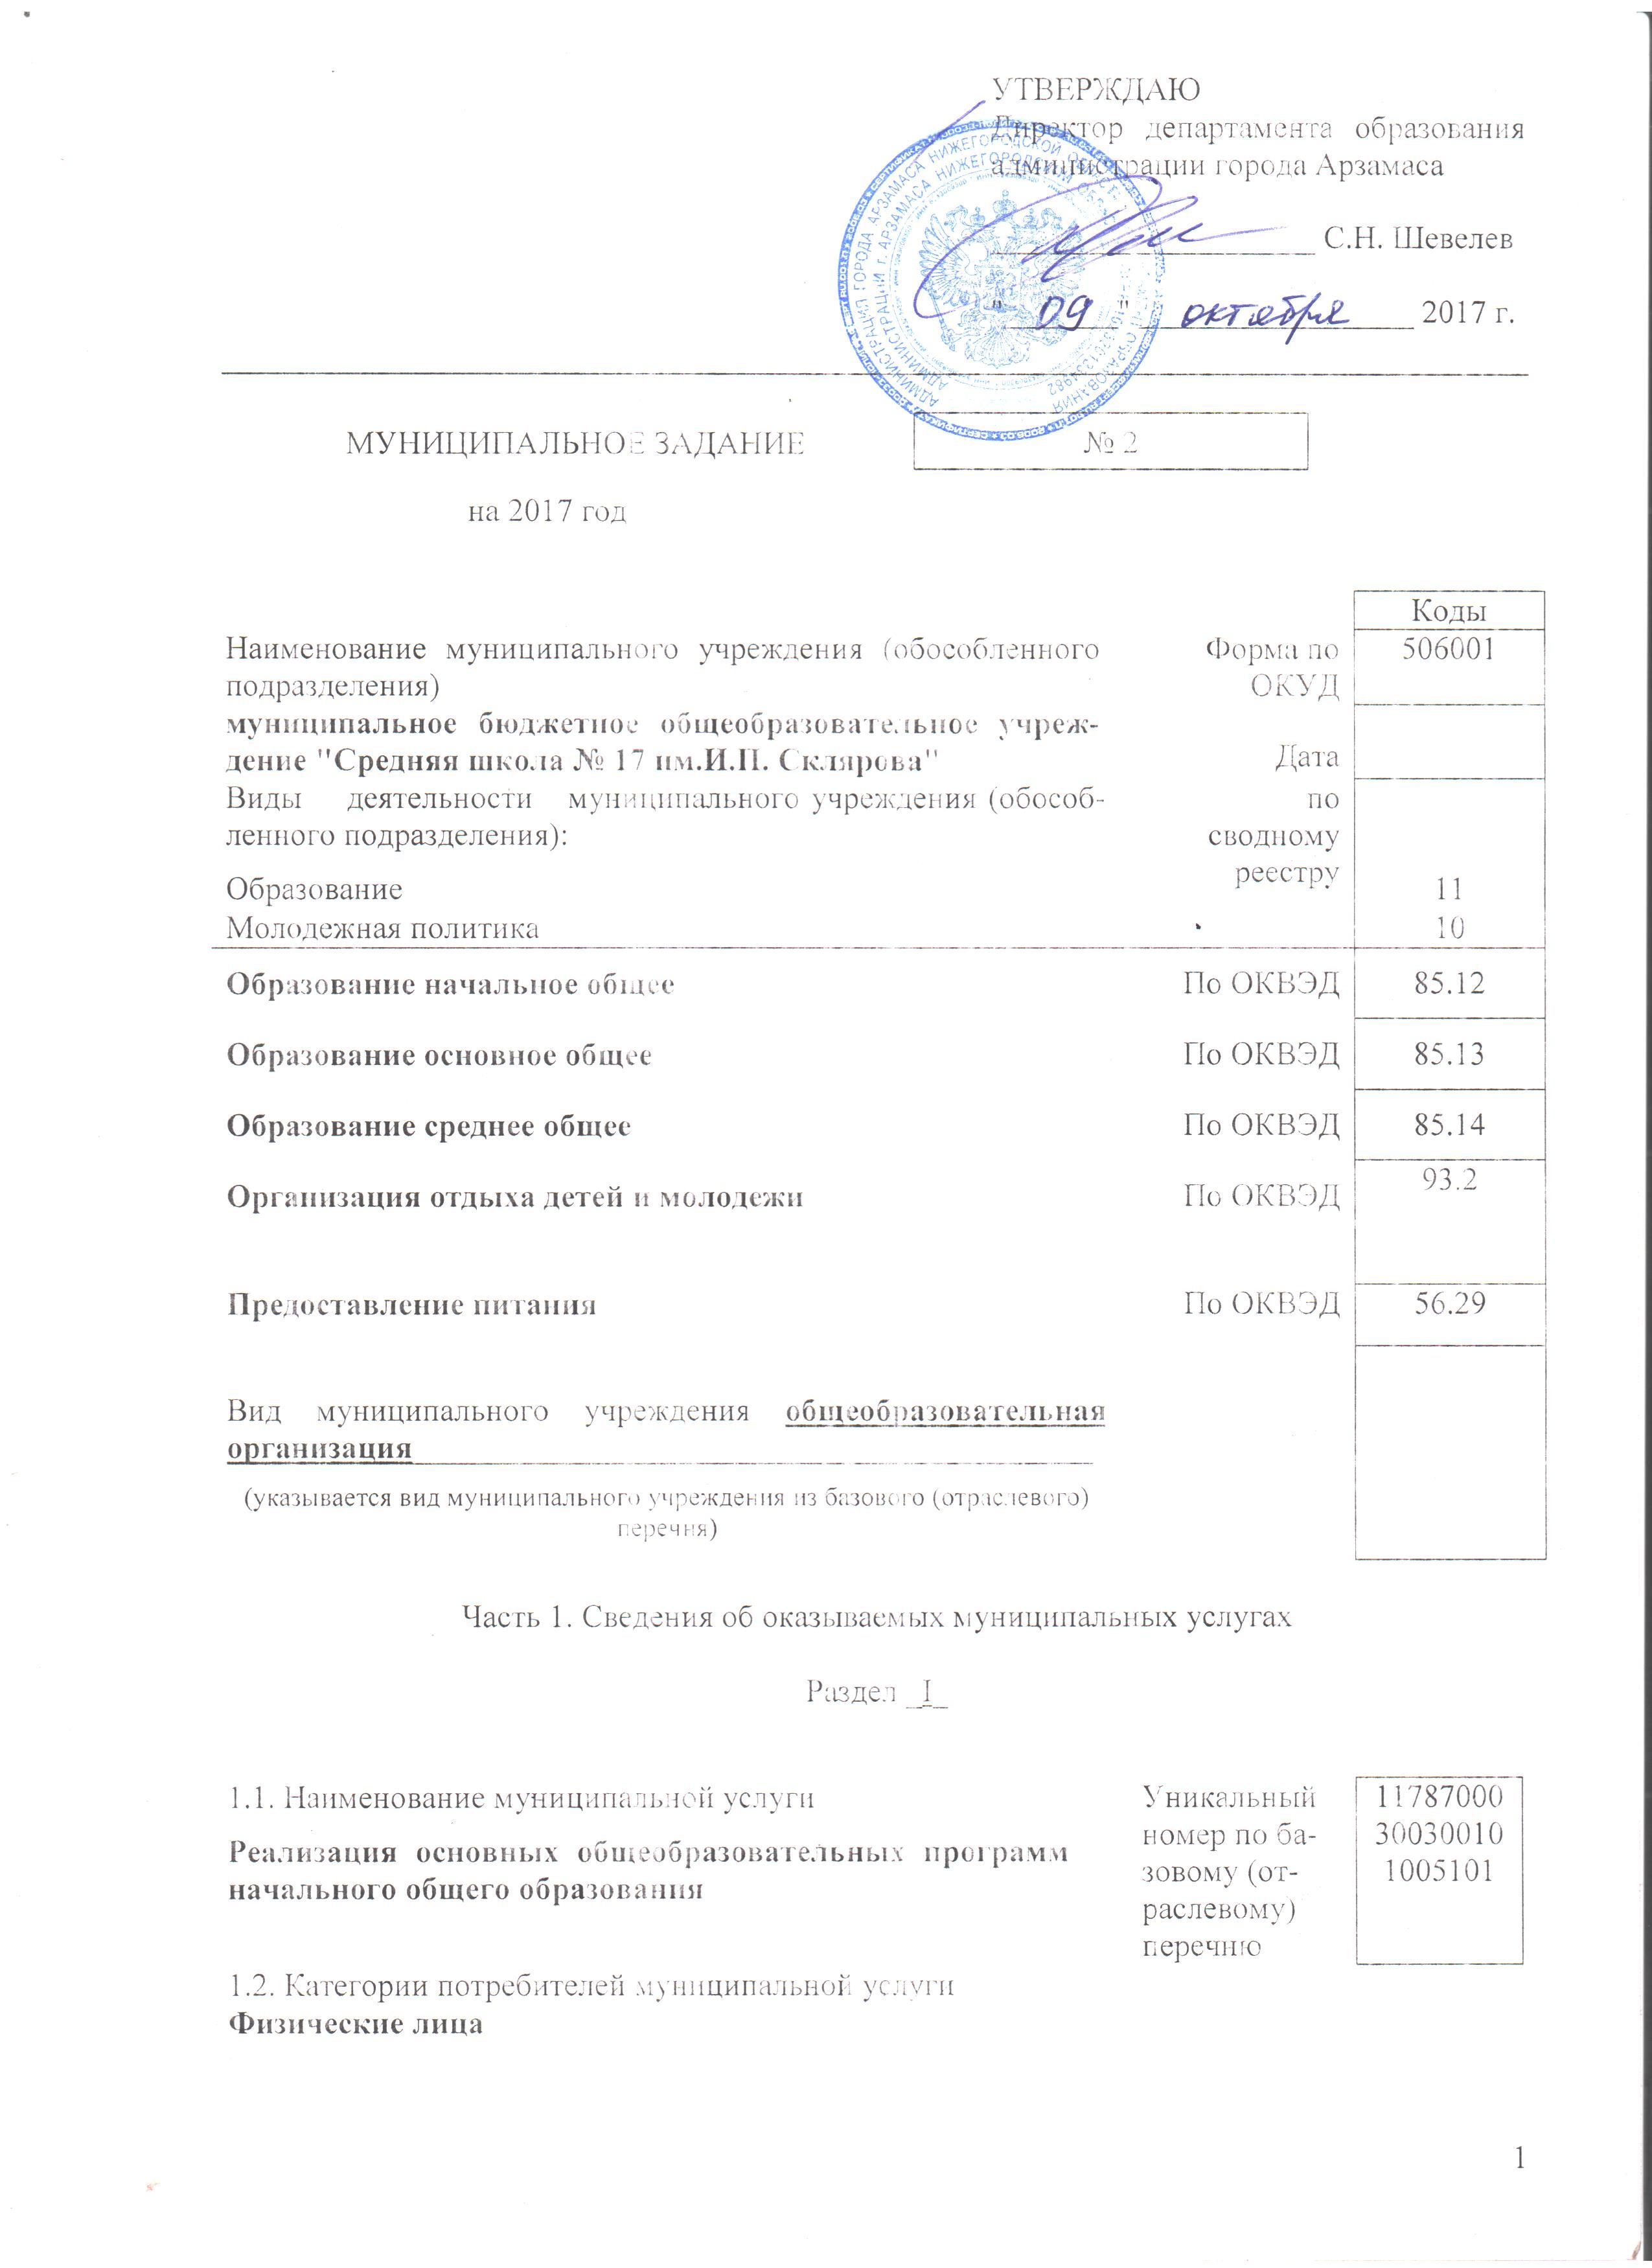 http://shkola17arzamas.ucoz.ru/2/22/11-1-.jpeg